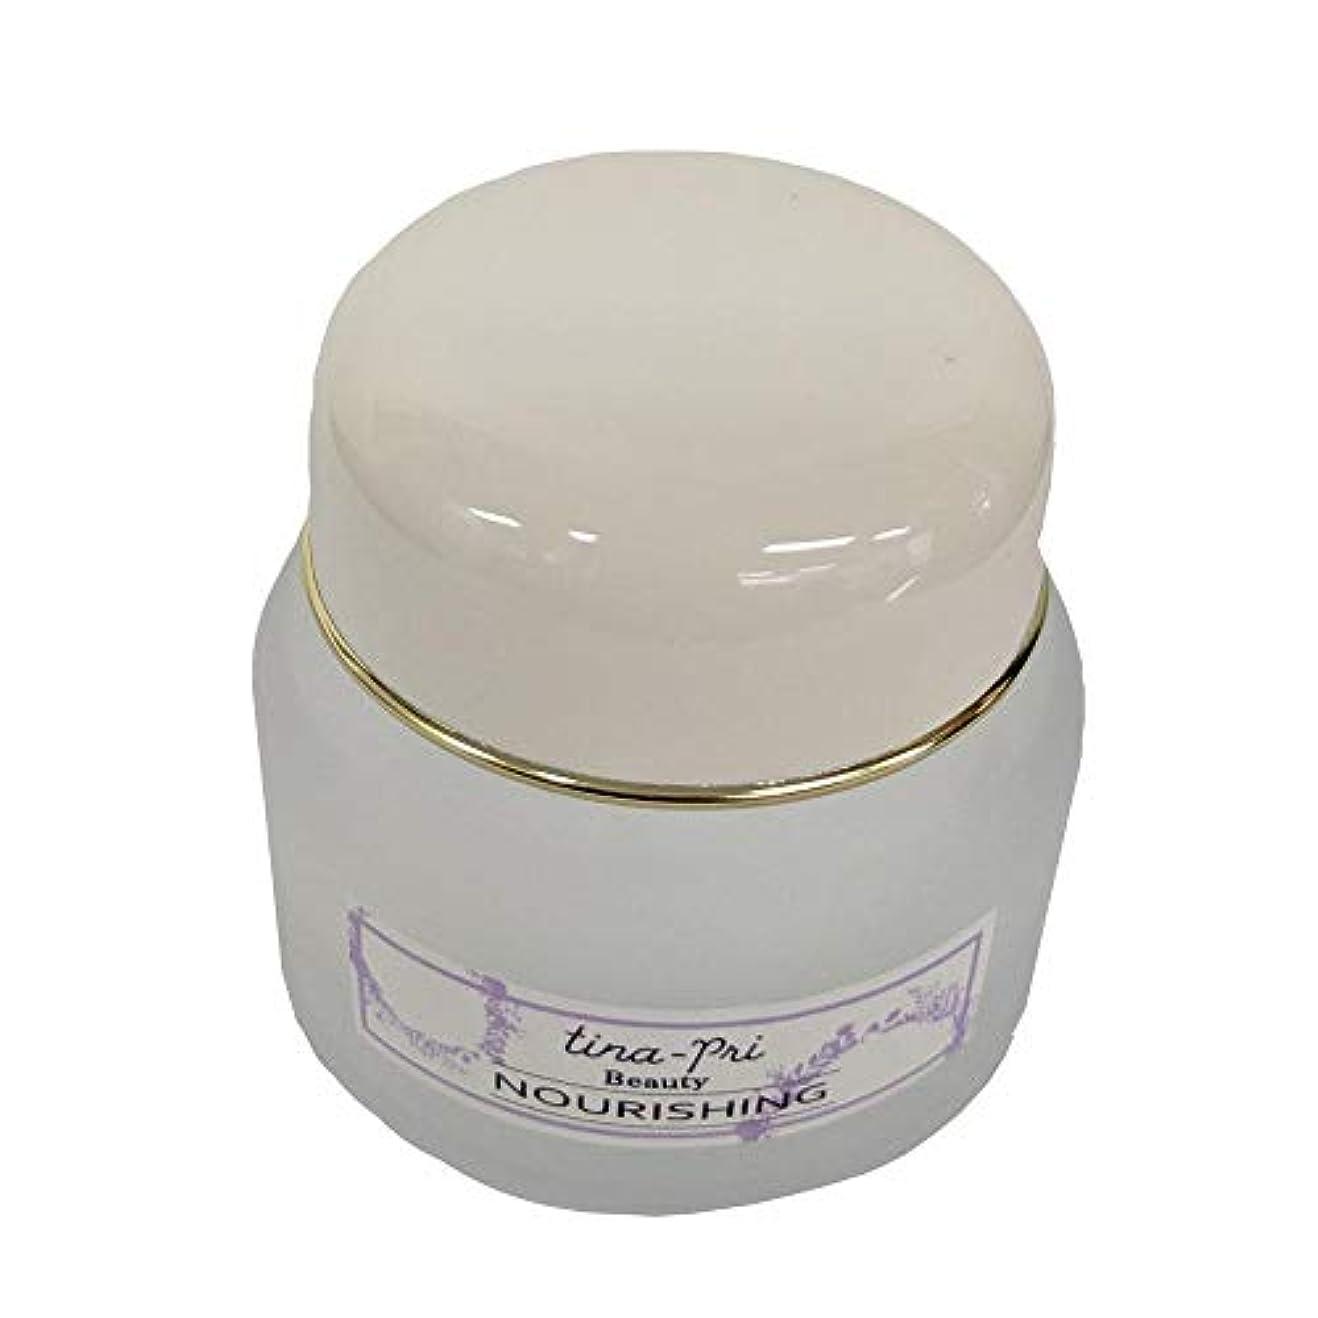 情熱スペル活気づけるティナプリビューティ 基礎化粧品シリーズ ナリシング 30g